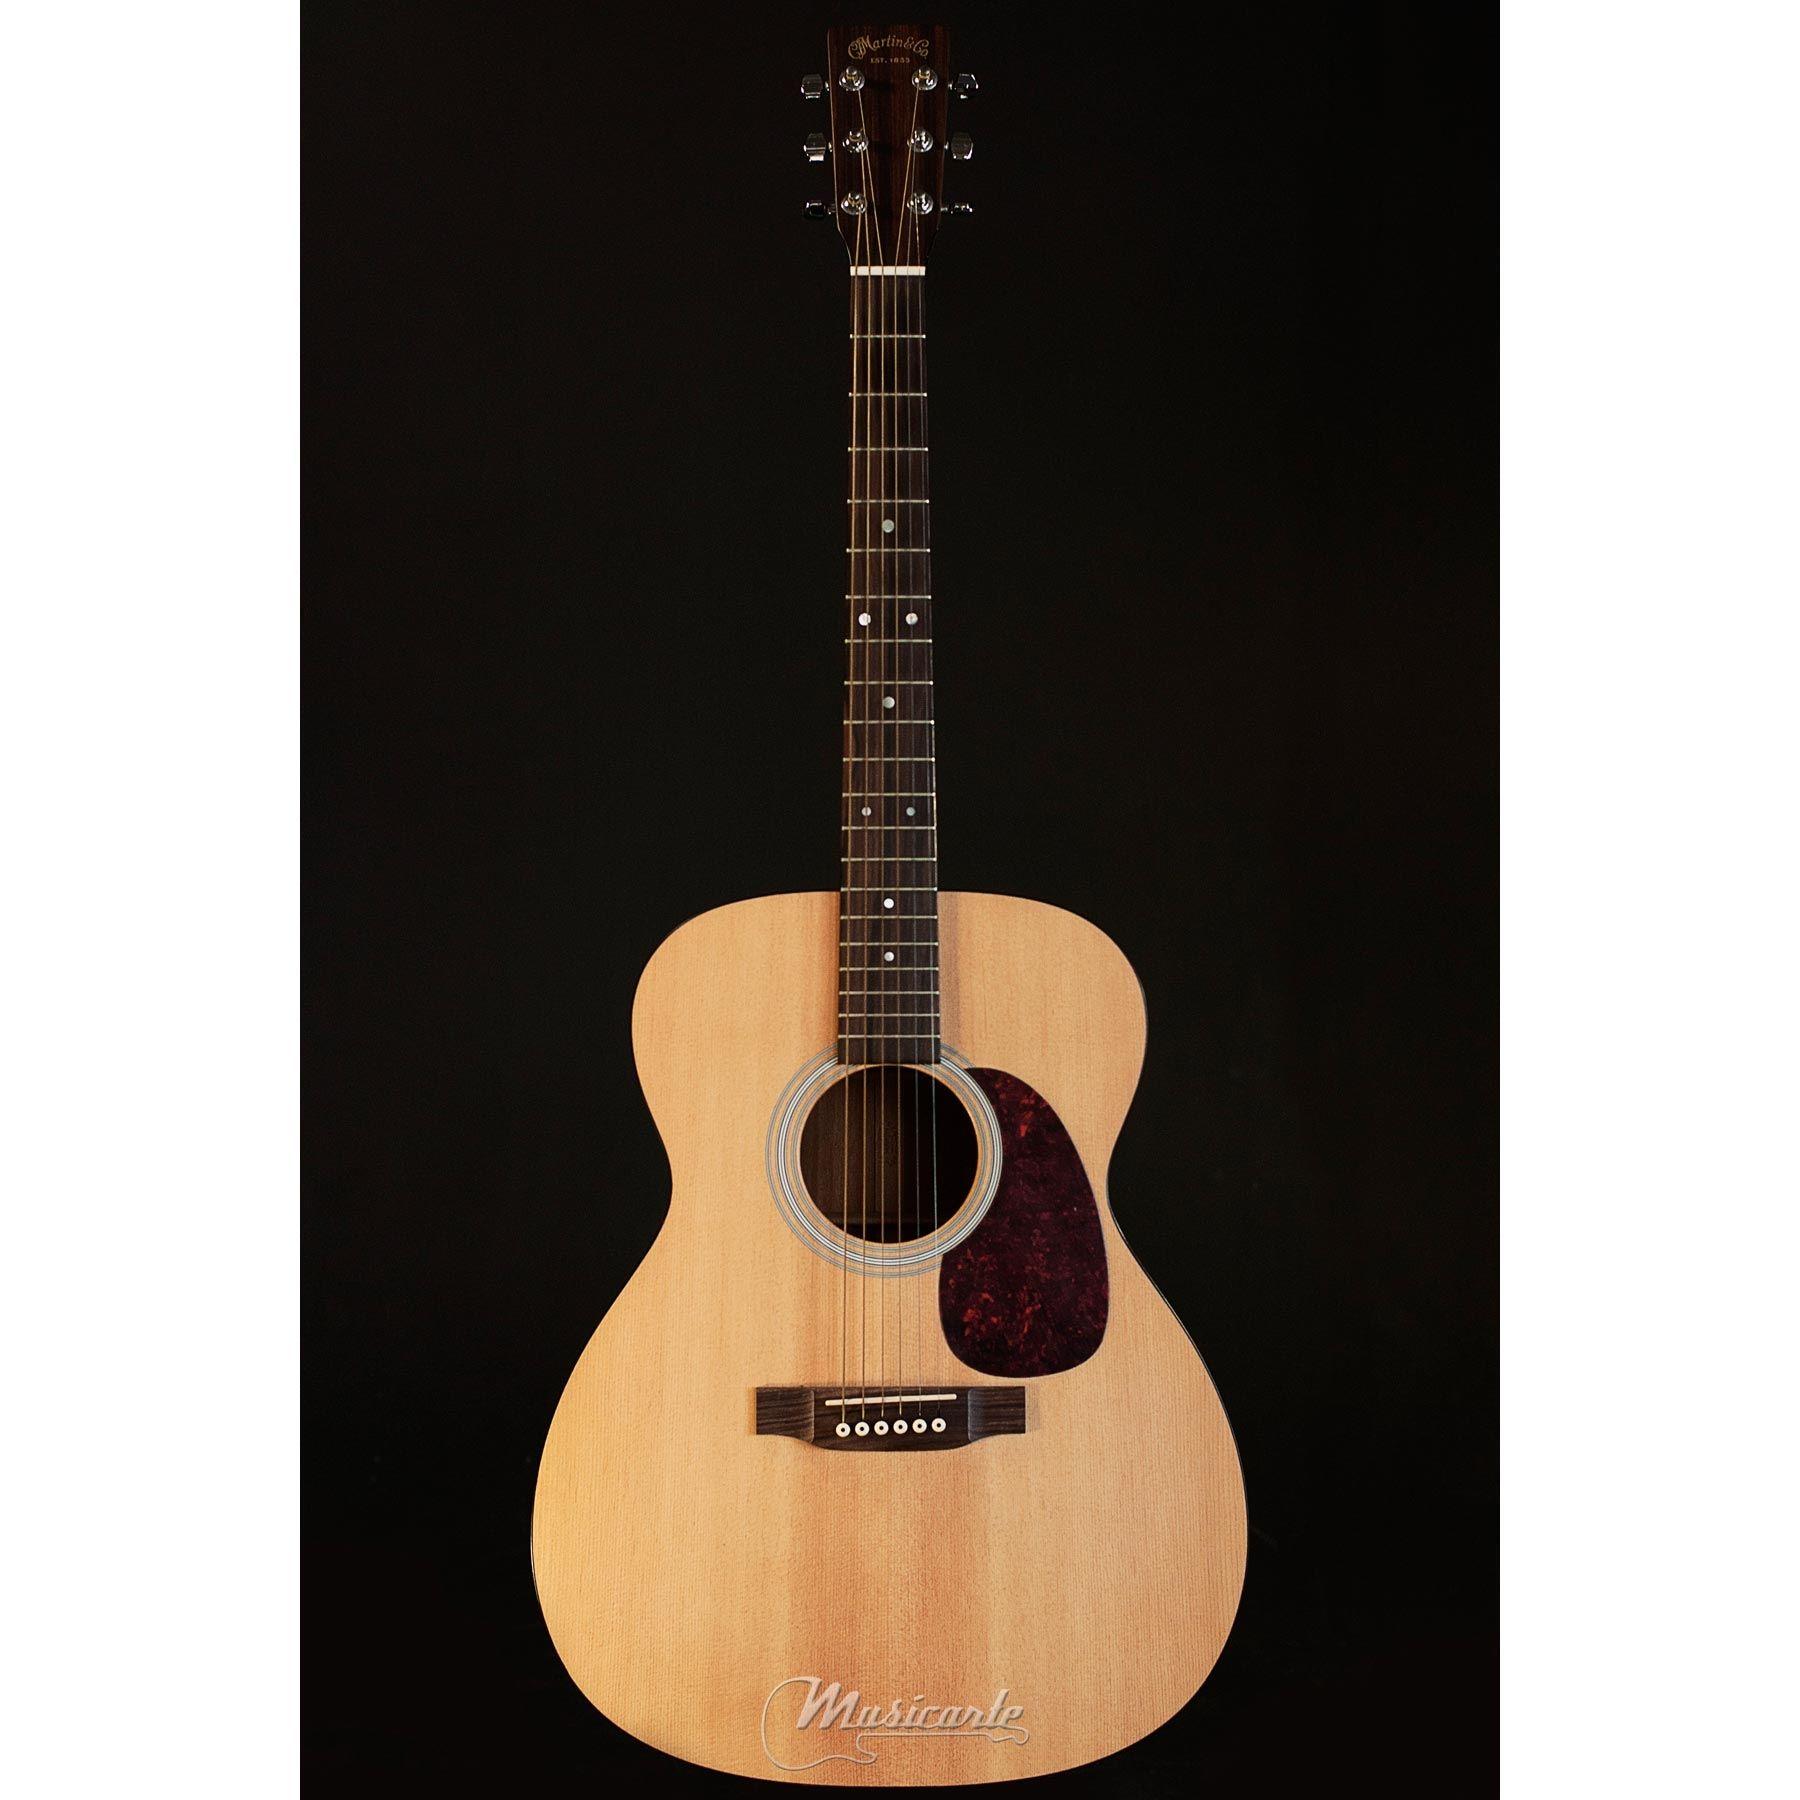 Martin J-1 Chitarra Acustica Jumbo - Musicarte strumenti musicali